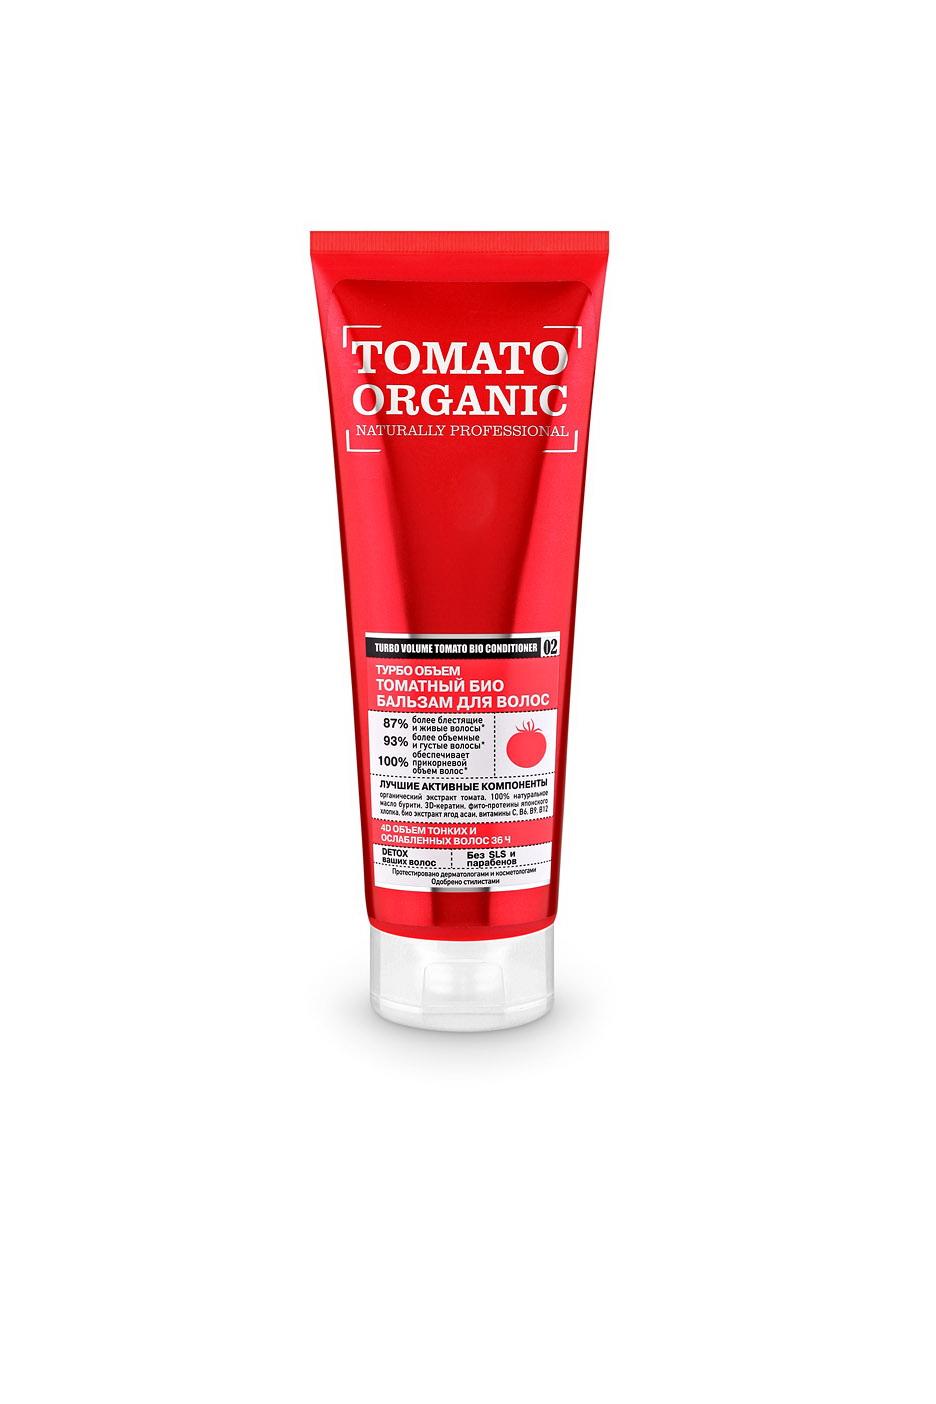 Оrganic Shop Naturally Professional Био-бальзам для волос Турбо Объем, томатный, 250 мл72523WDОрганический экстракт томата придает волосам роскошный объем и укрепляет их структуру. 100% натуральное масло бурити питает волосы и защищает от термо и УФ воздействия. 3D-кератин заполняет поврежденные участки волос, придавая им гладкость и шелковистость. Фито-протеины японского хлопка восстанавливают волосы по всей длине, делая их более густыми, объемными и крепкими. Экстракт ягод асаи насыщает волосы витаминами, придает им силу и блеск.Товар сертифицирован.